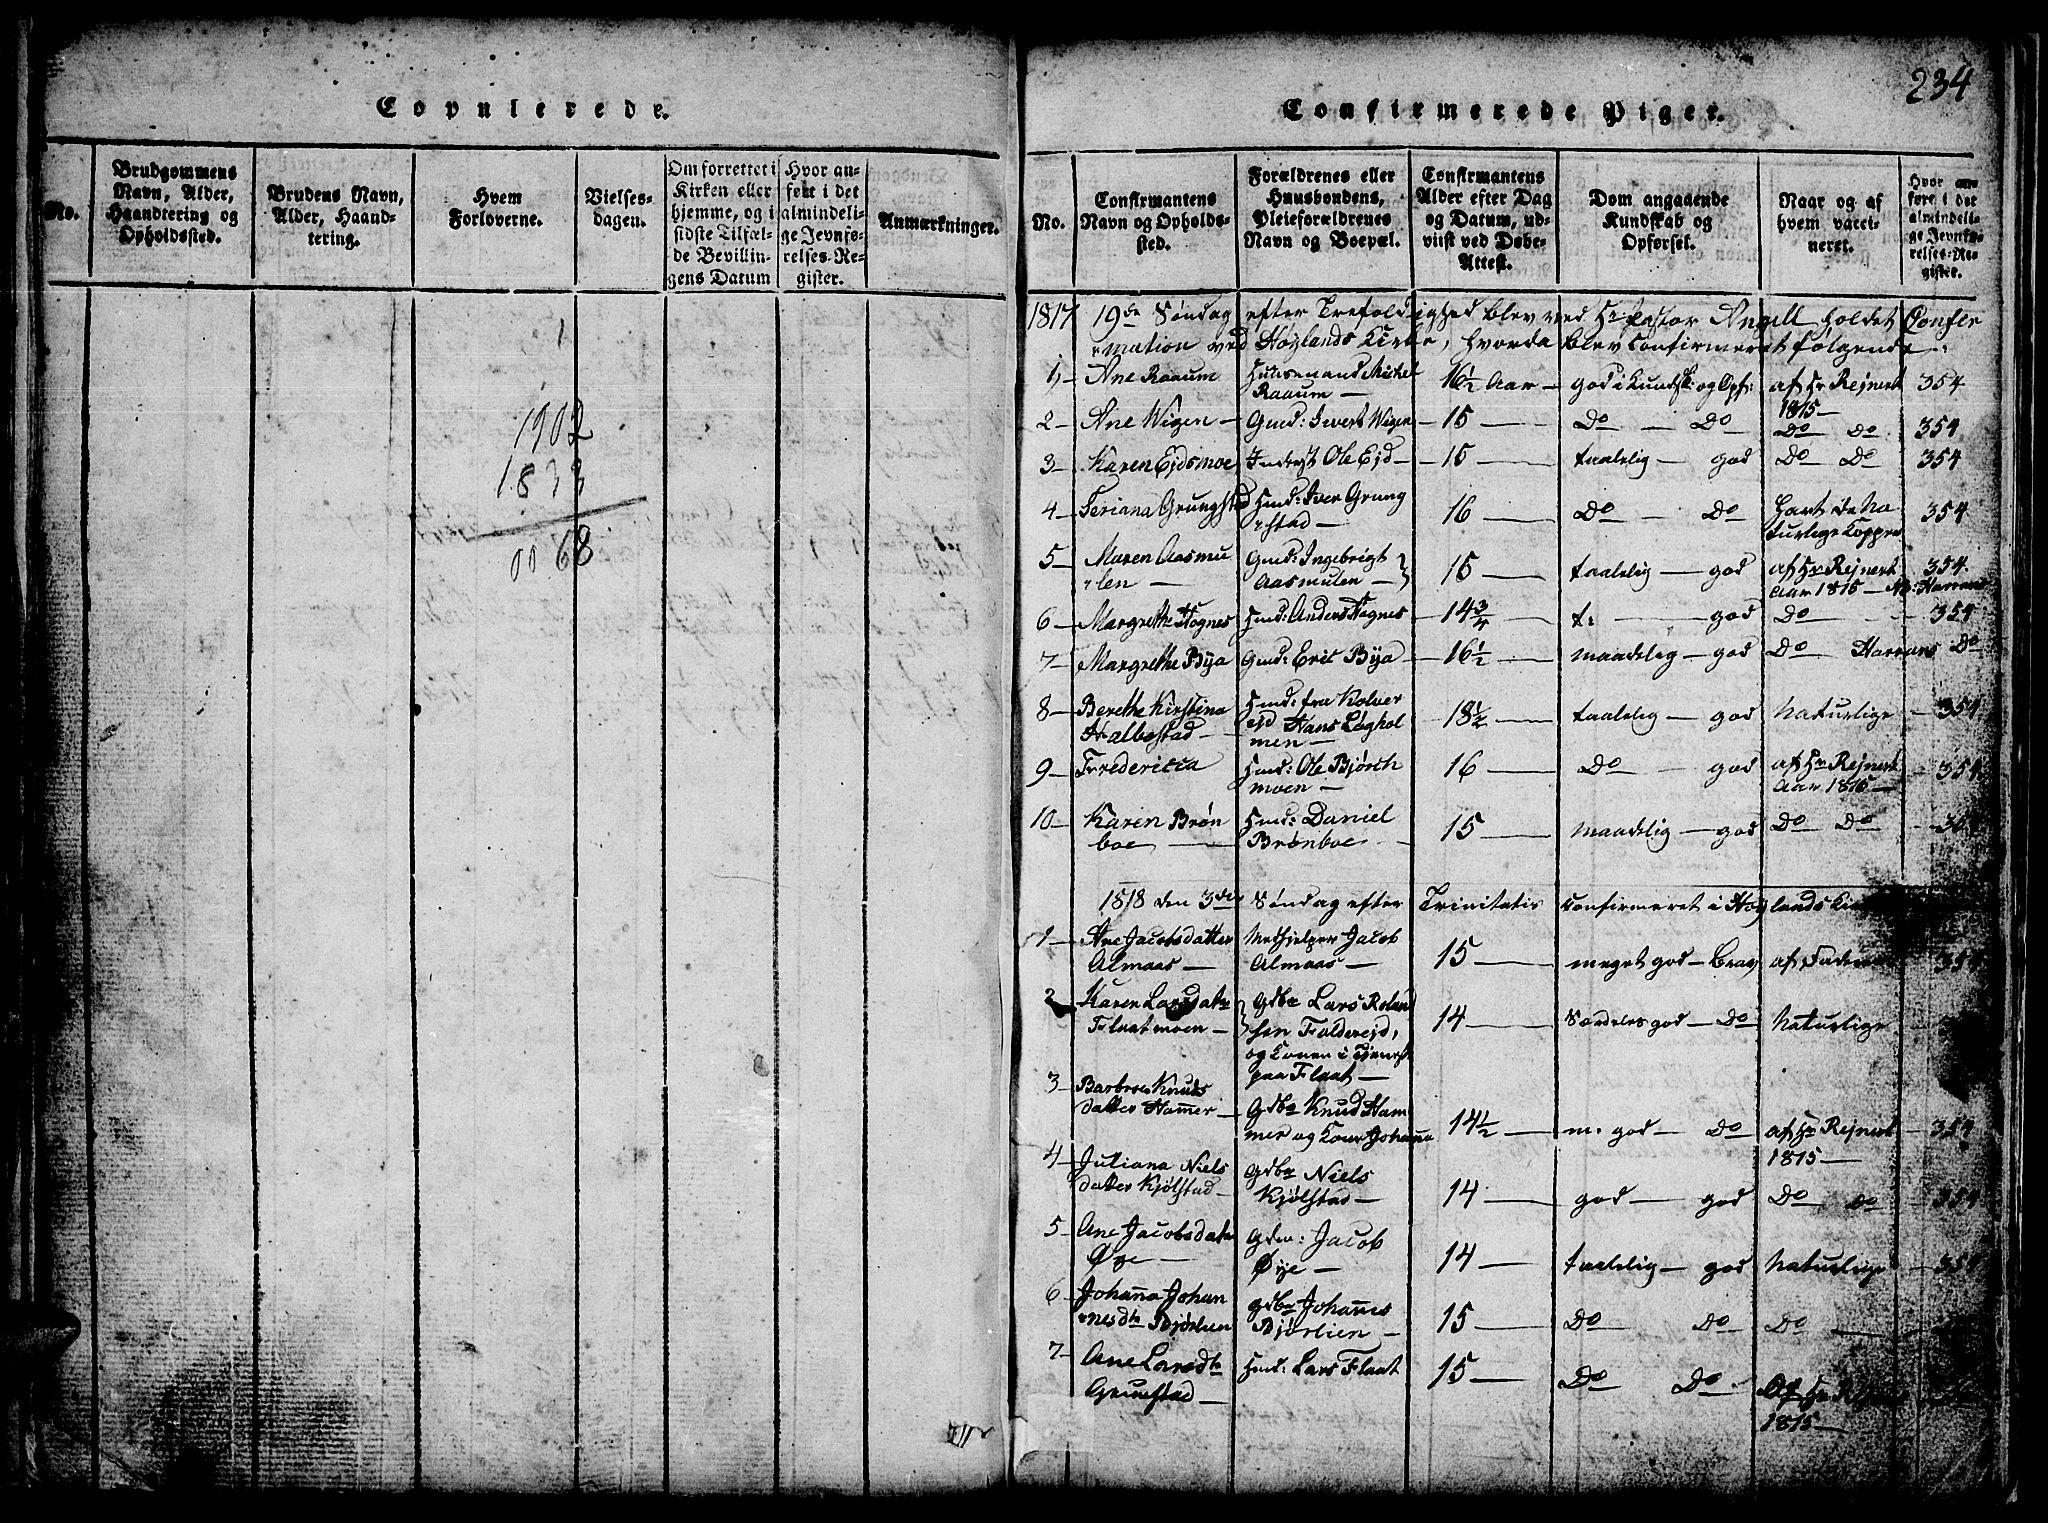 SAT, Ministerialprotokoller, klokkerbøker og fødselsregistre - Nord-Trøndelag, 765/L0562: Klokkerbok nr. 765C01, 1817-1851, s. 234